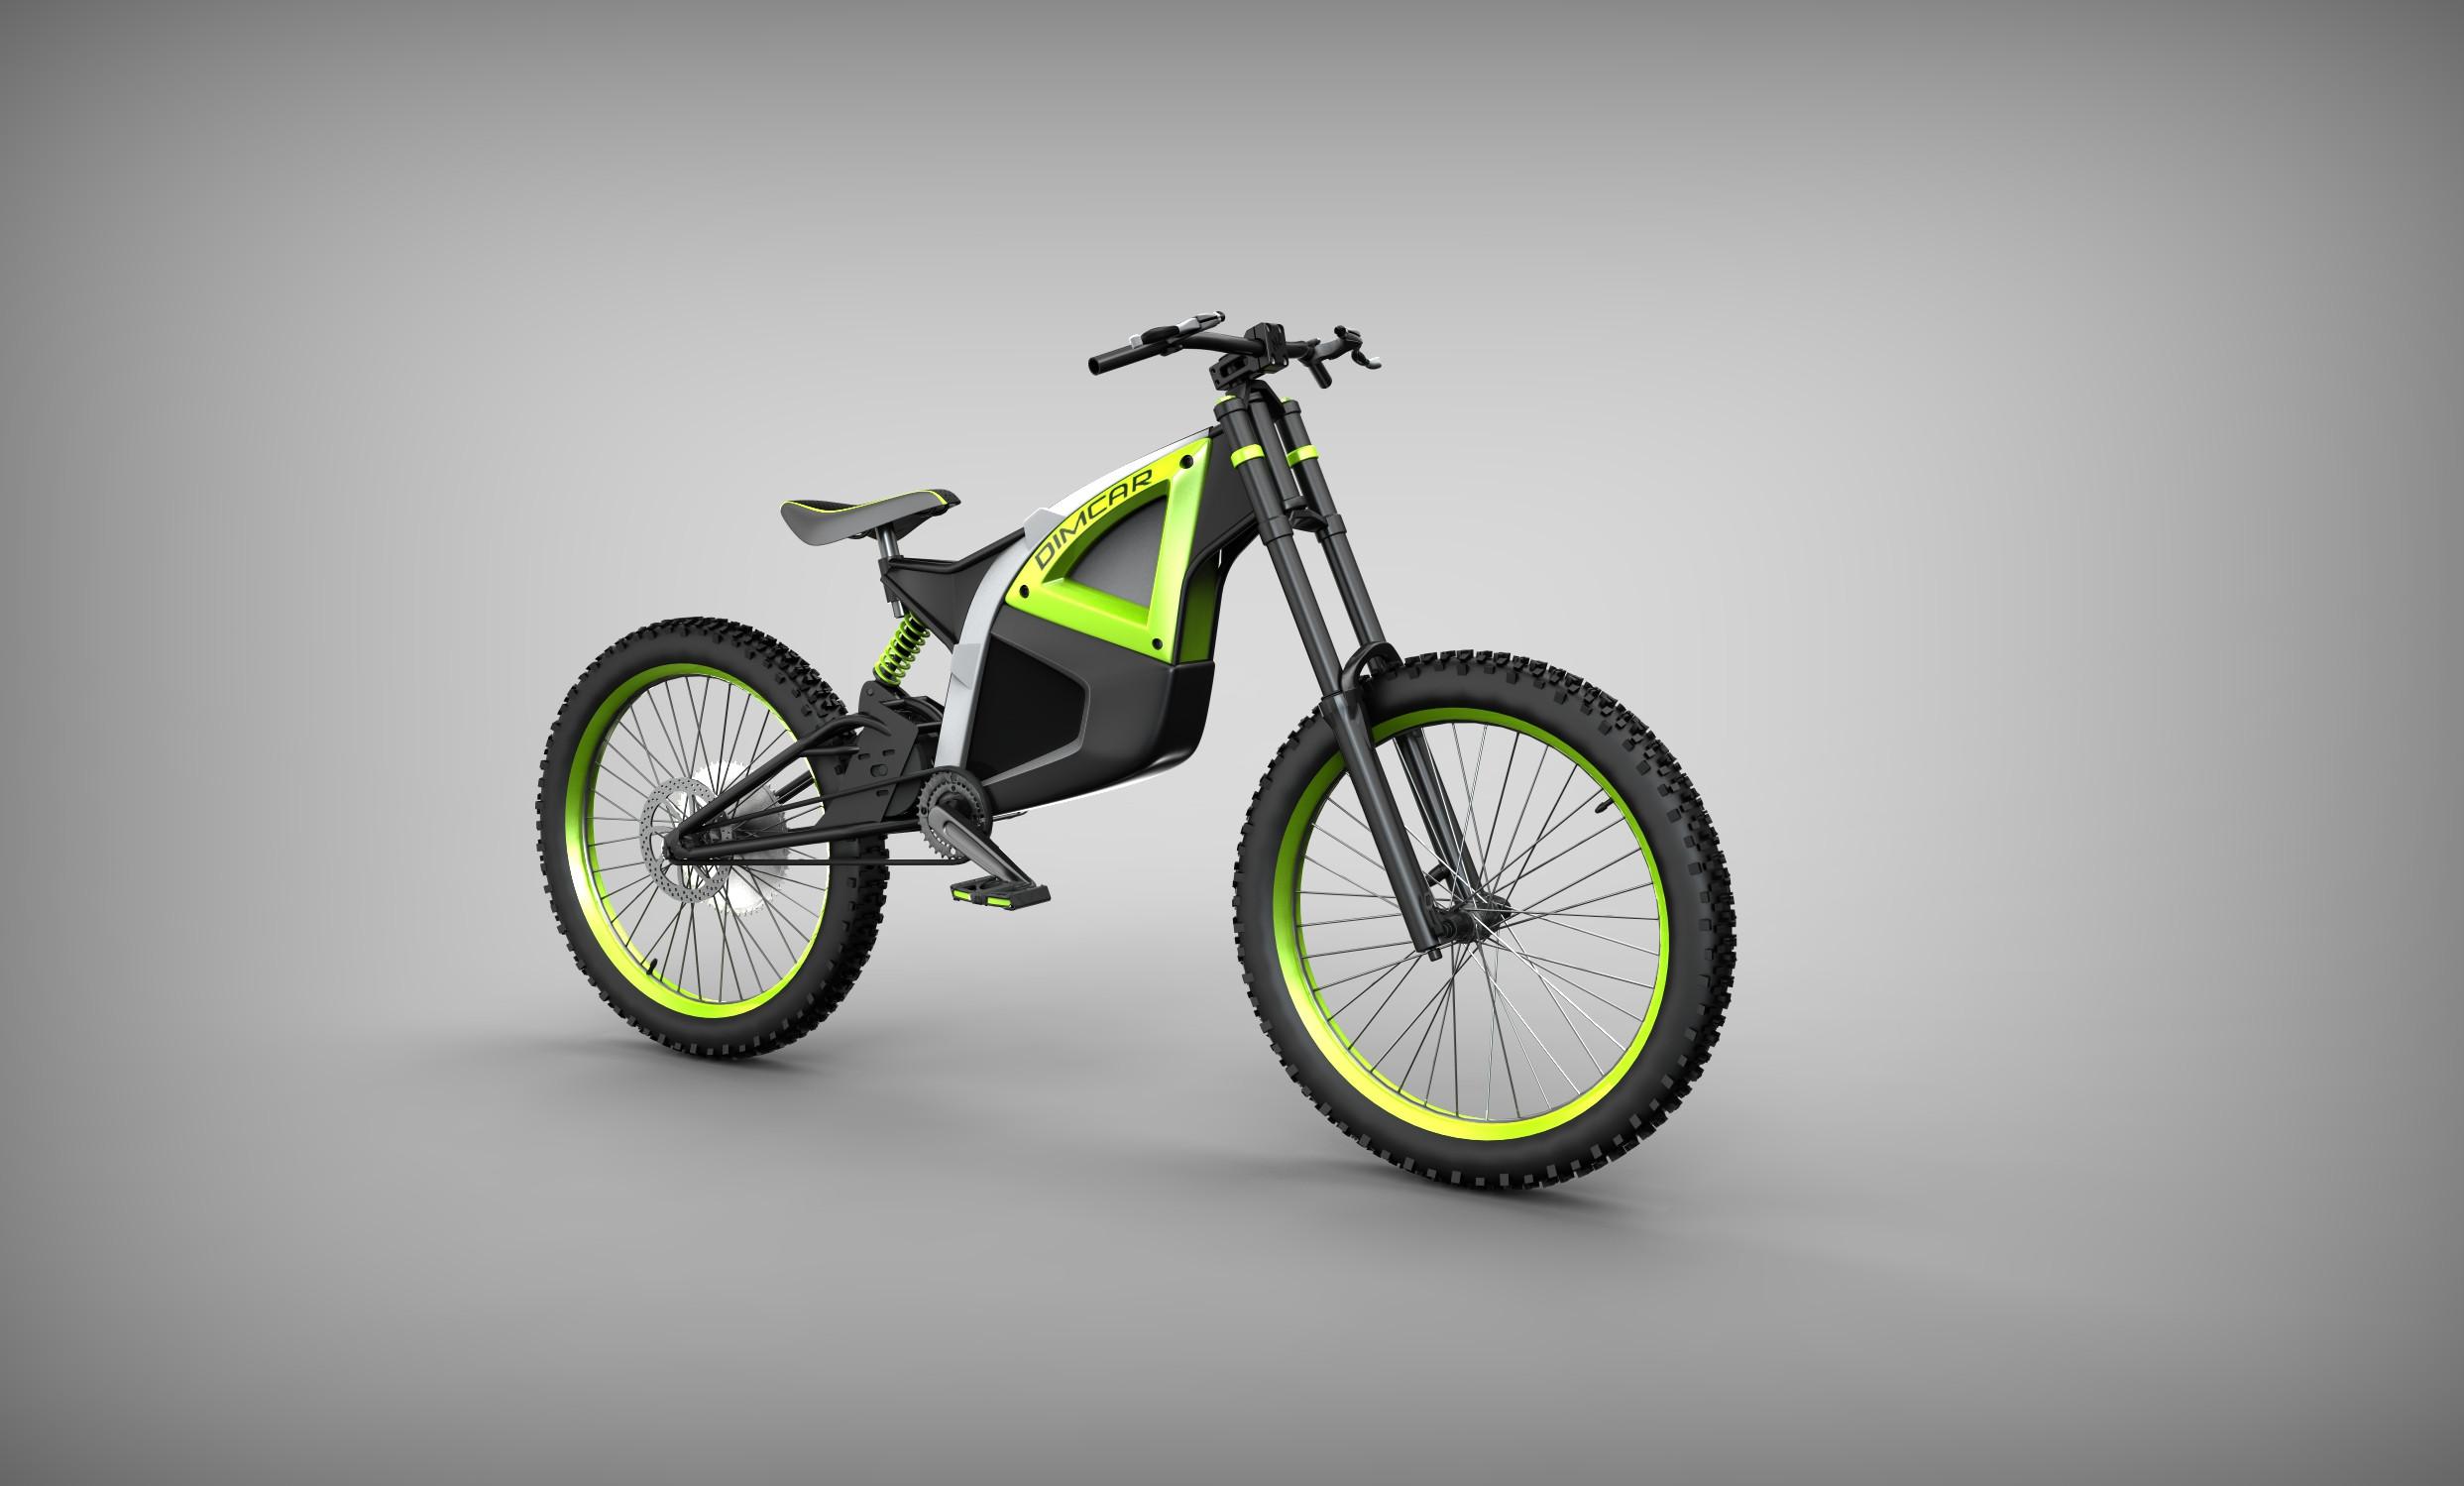 Проект мощного универсального электровелосипеда с центральным мотором, съемной батареей и управлением со смартфона - moto.949.jpg